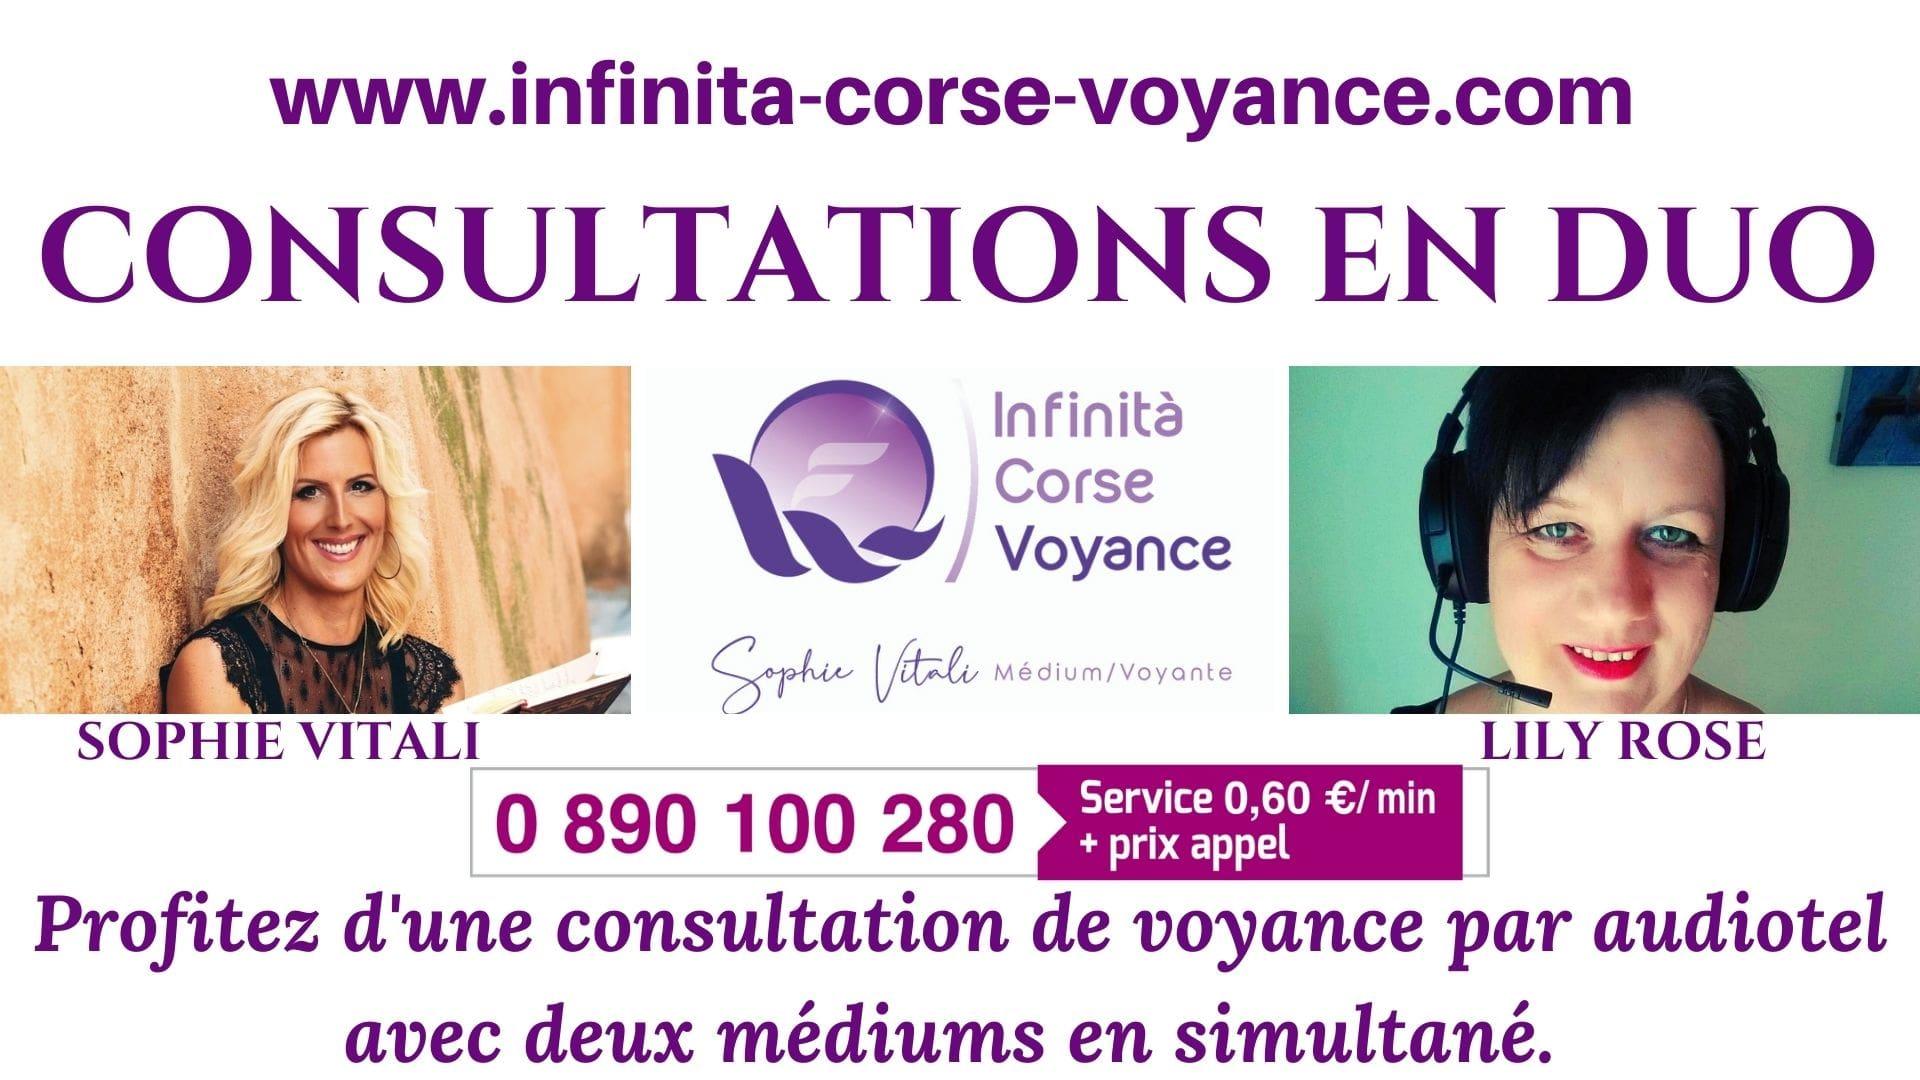 Consultations de voyance en duo par audiotel avec Sophie Vitali et Lily Rose